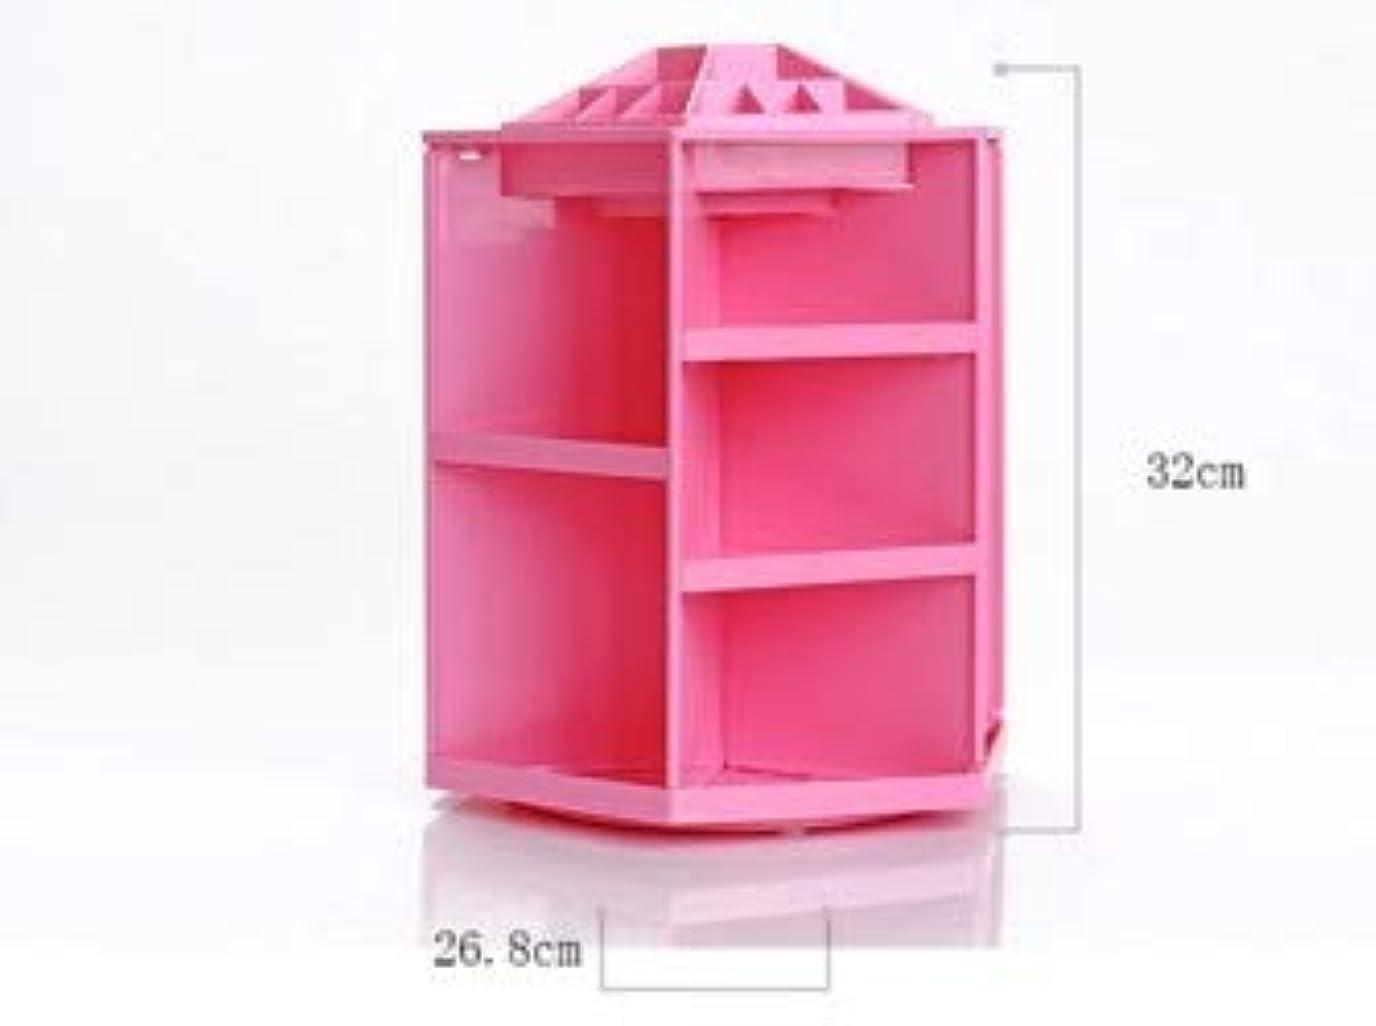 表向きサービス最悪クリエイティブキャンディーカラー多機能化粧品収納ボックス360度回転デスクトップジュエリーボックス (Color : ピンク)